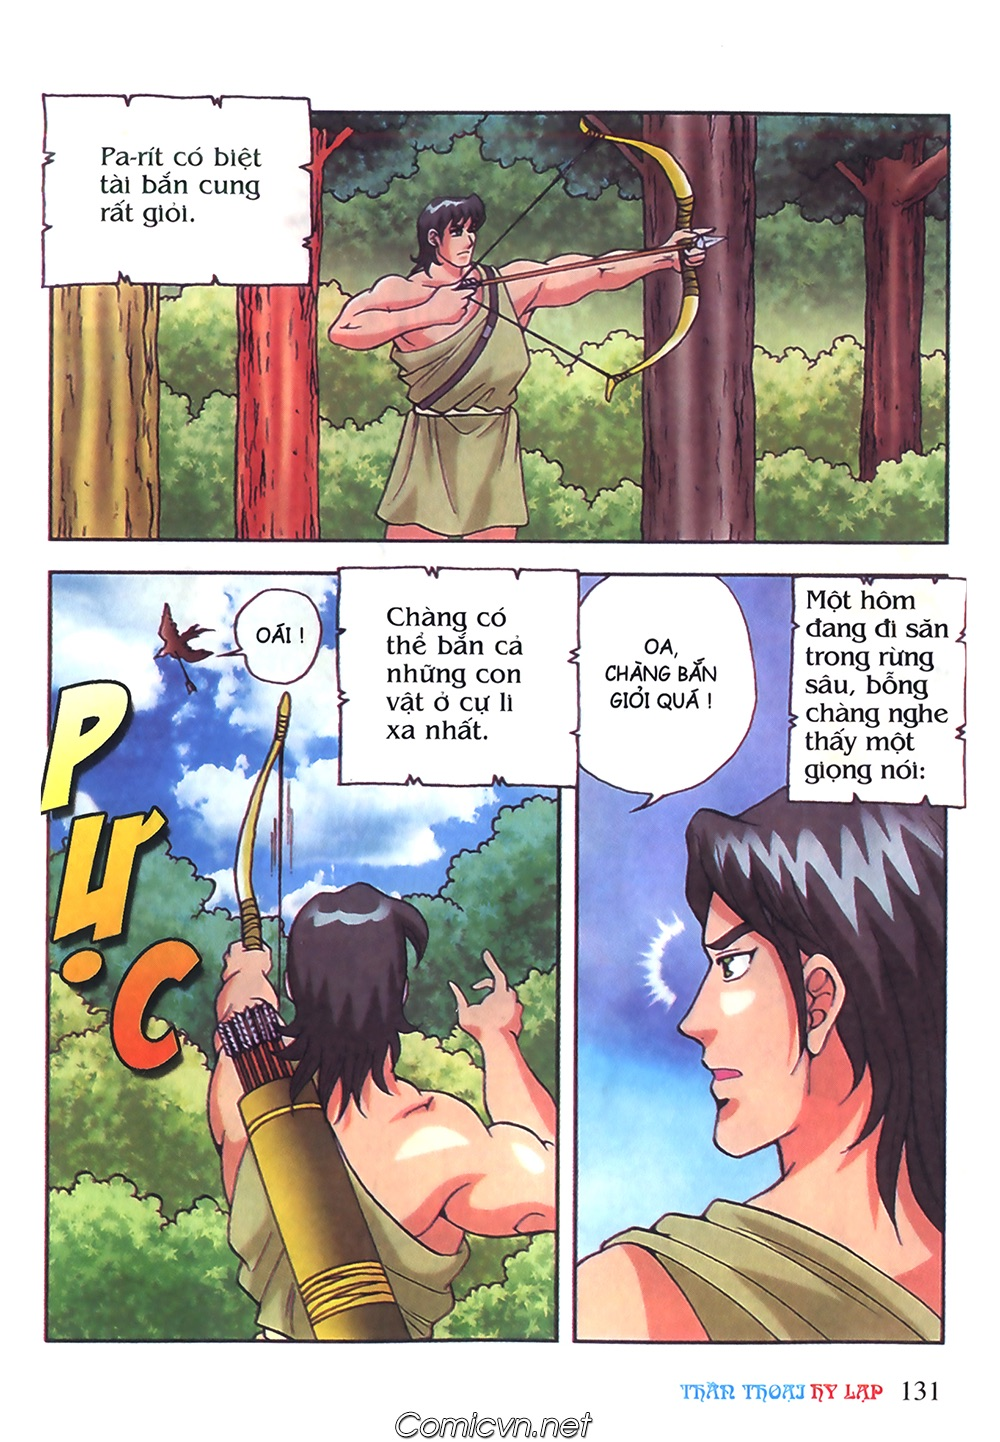 Thần Thoại Hy Lạp Màu - Chapter 50: Hoàng tử Pa rít - Pic 8